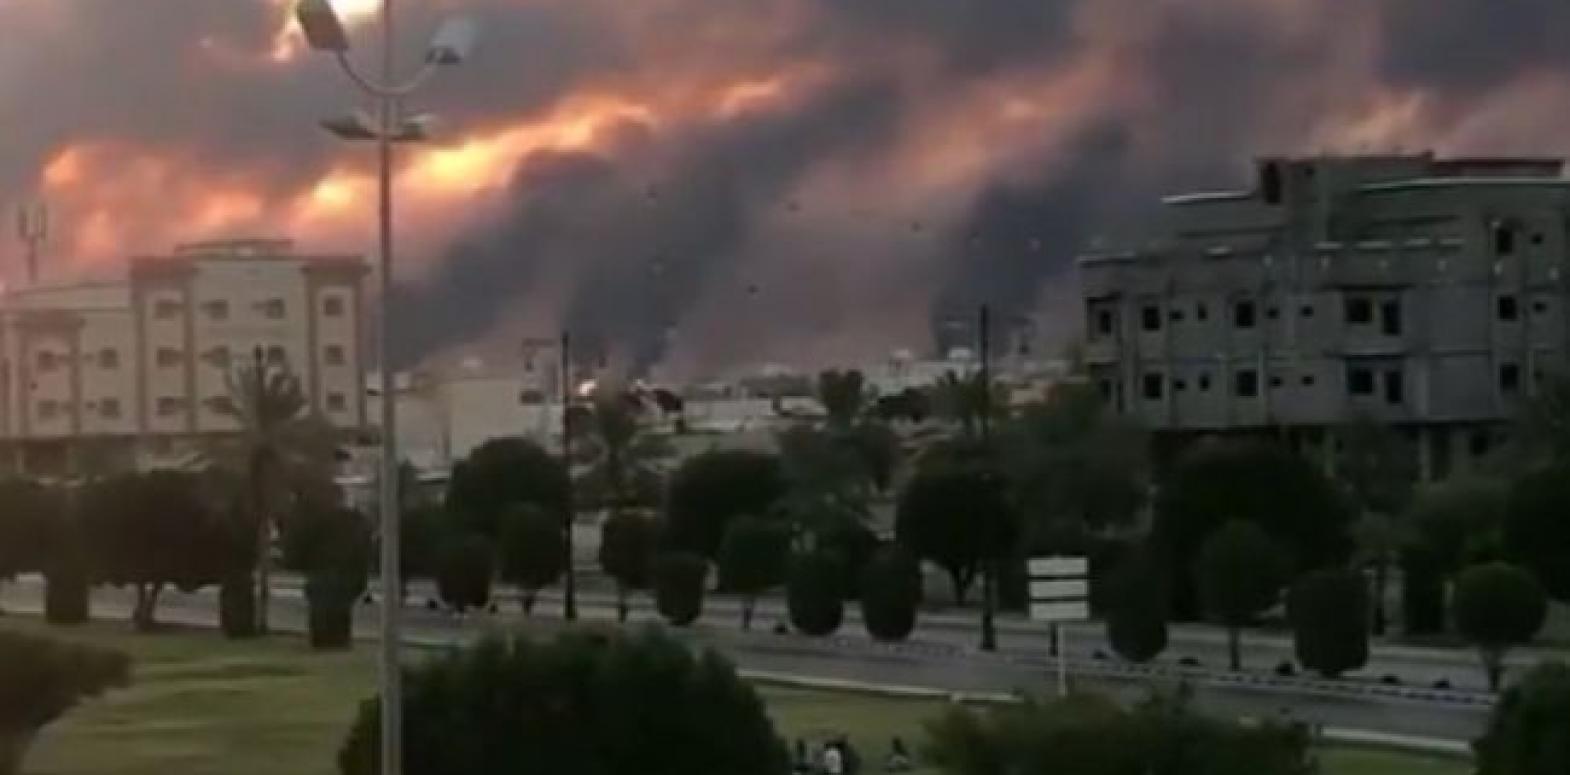 Цены на нефть взлетели после атаки на НПЗ в Саудовской Аравии